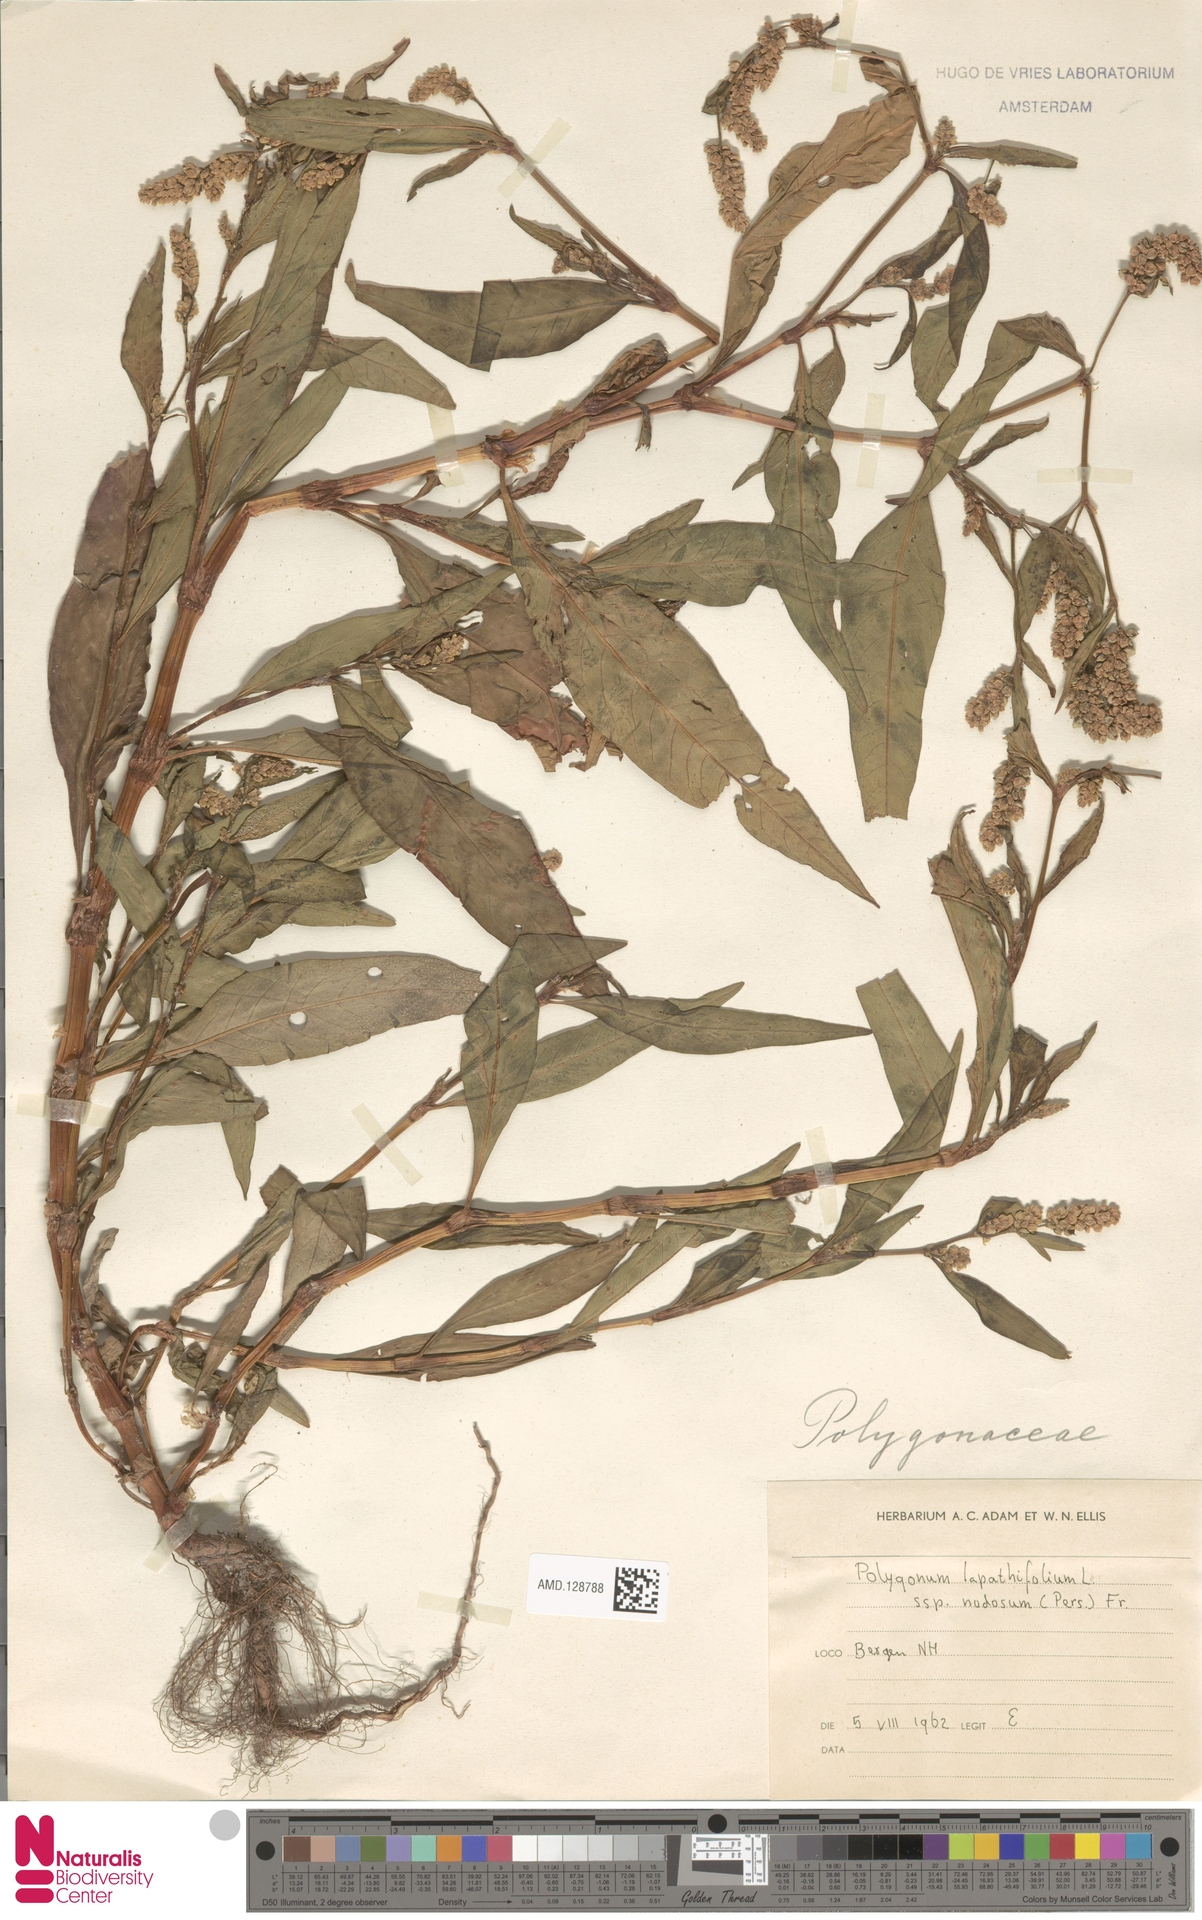 AMD.128788 | Polygonum lapathifolium subsp. nodosum (Pers.) Weinm.